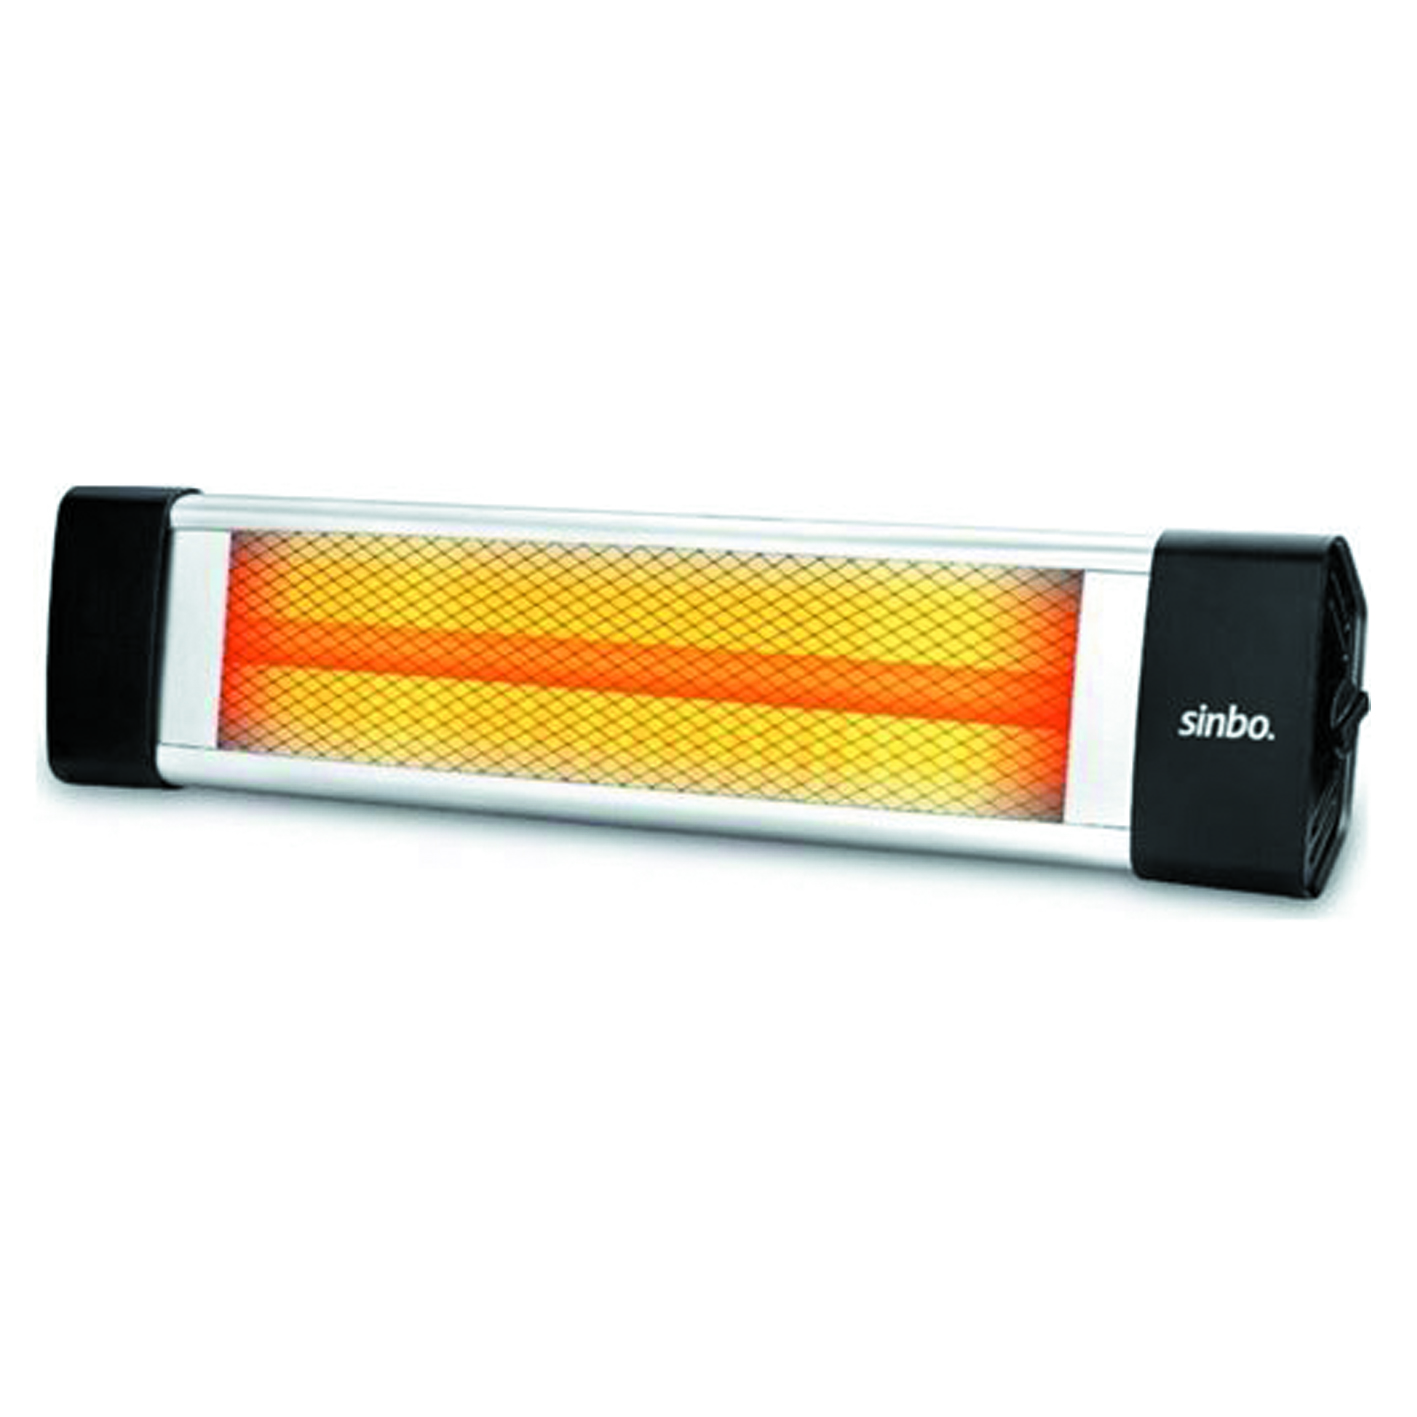 Sinbo SFH3396 İnfrared Isıtıcı